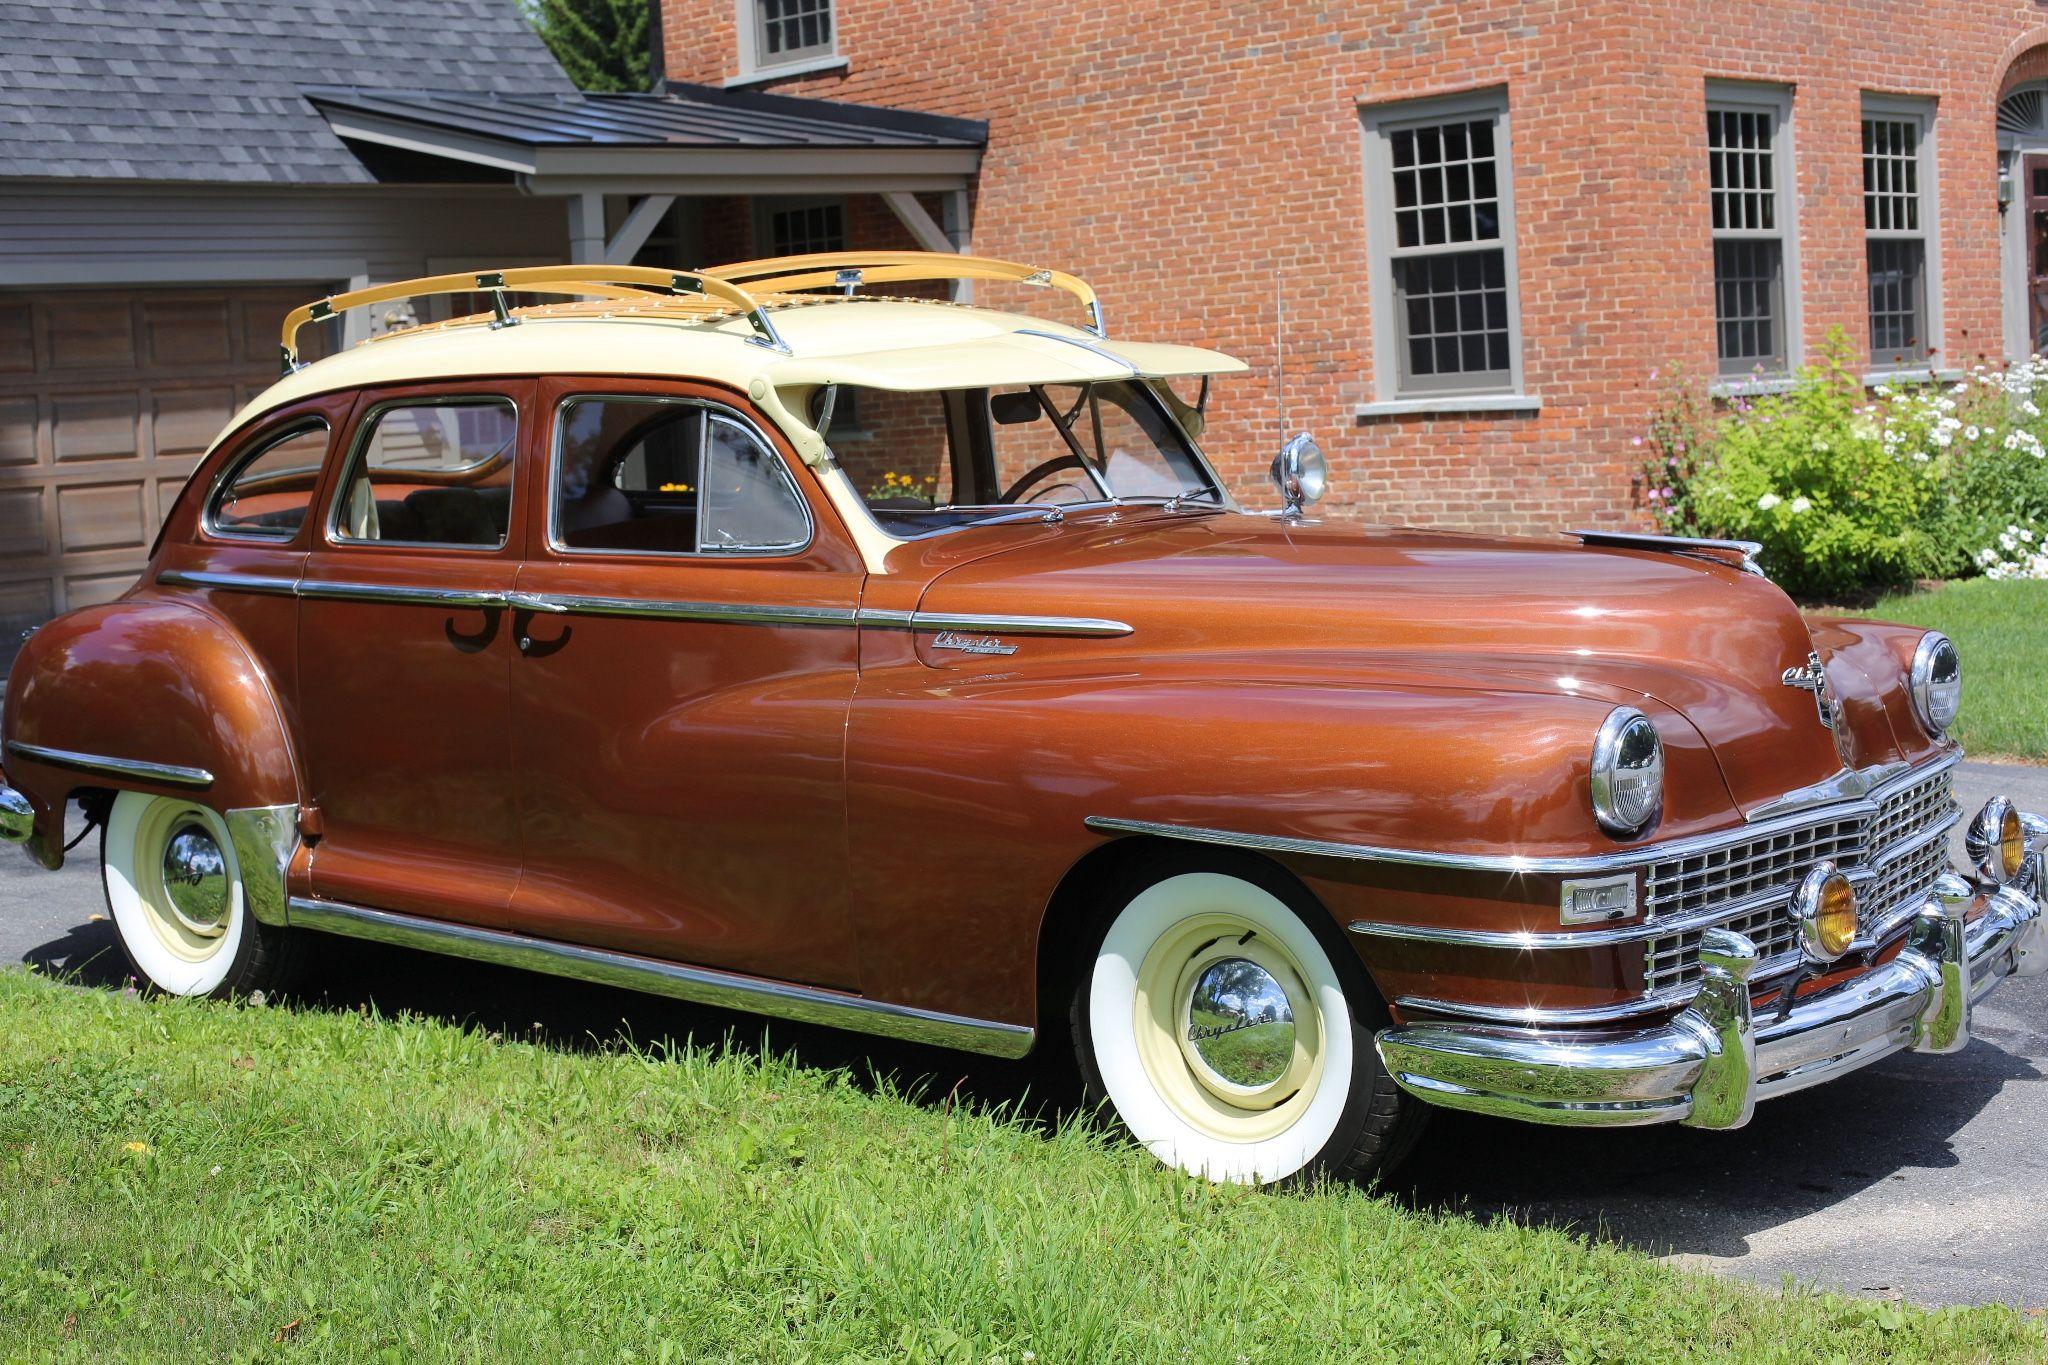 1948 Chrysler Windsor Traveler Chrysler Windsor Chrysler